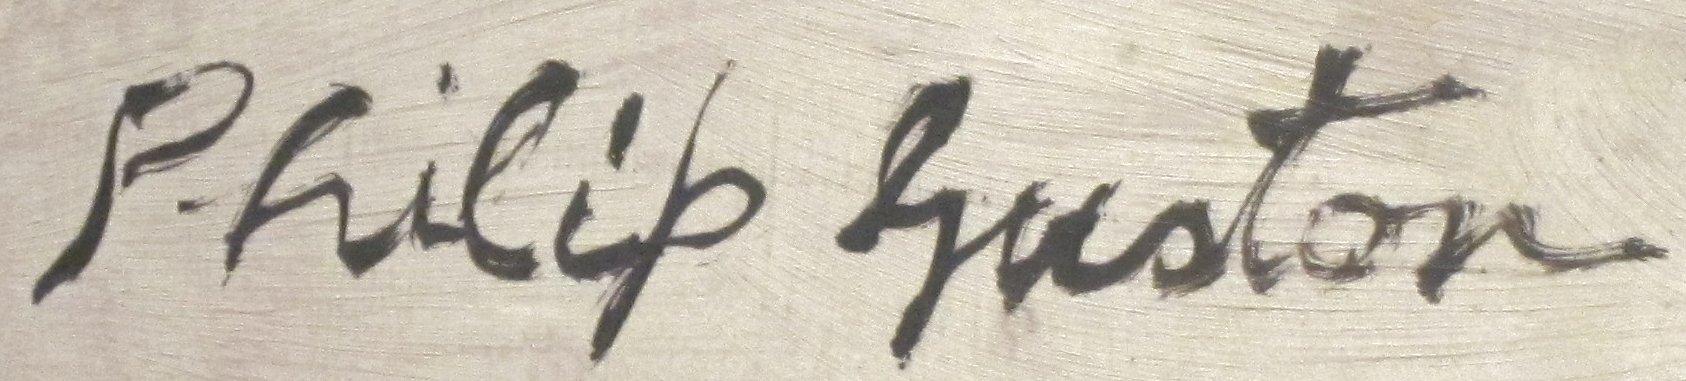 Expertise signature Philip Guston